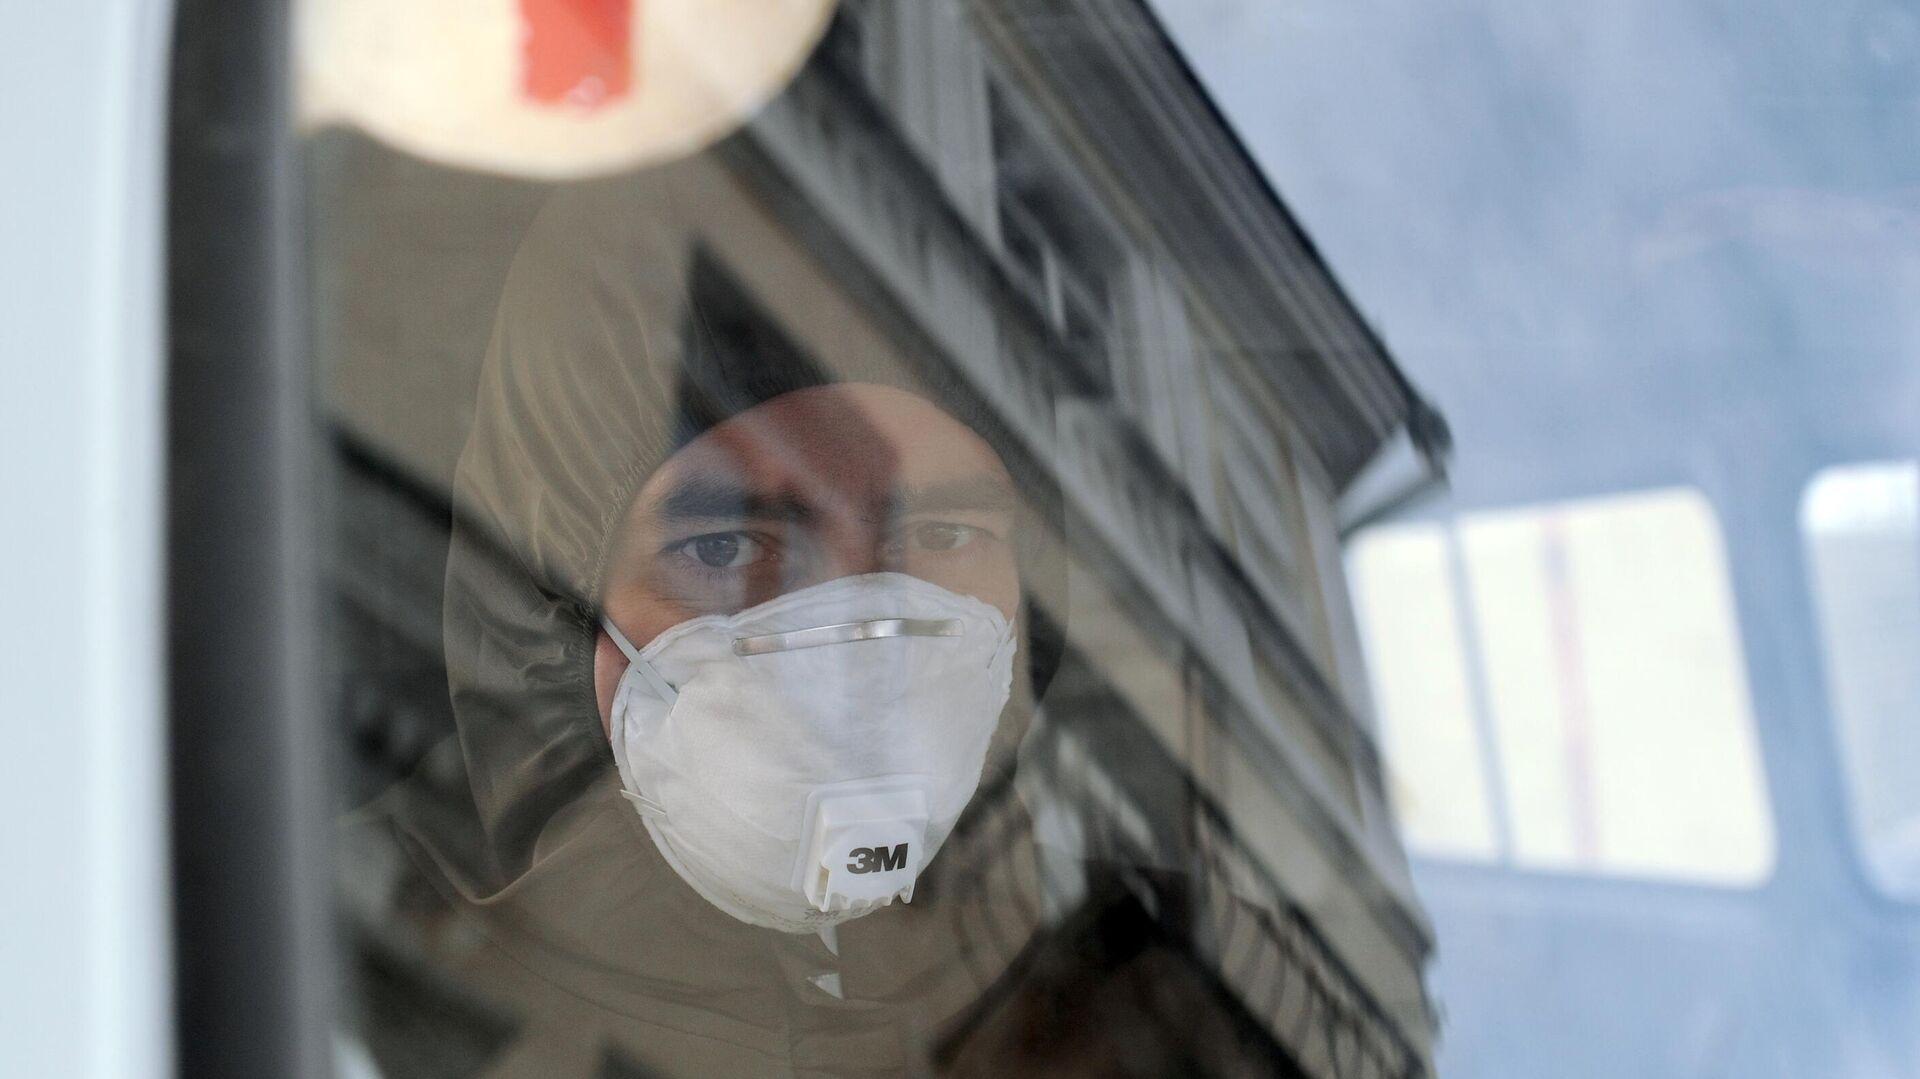 Врач-терапевт выездной бригады по оказанию медицинской помощи на дому пациентам с Covid-19 - РИА Новости, 1920, 28.11.2020